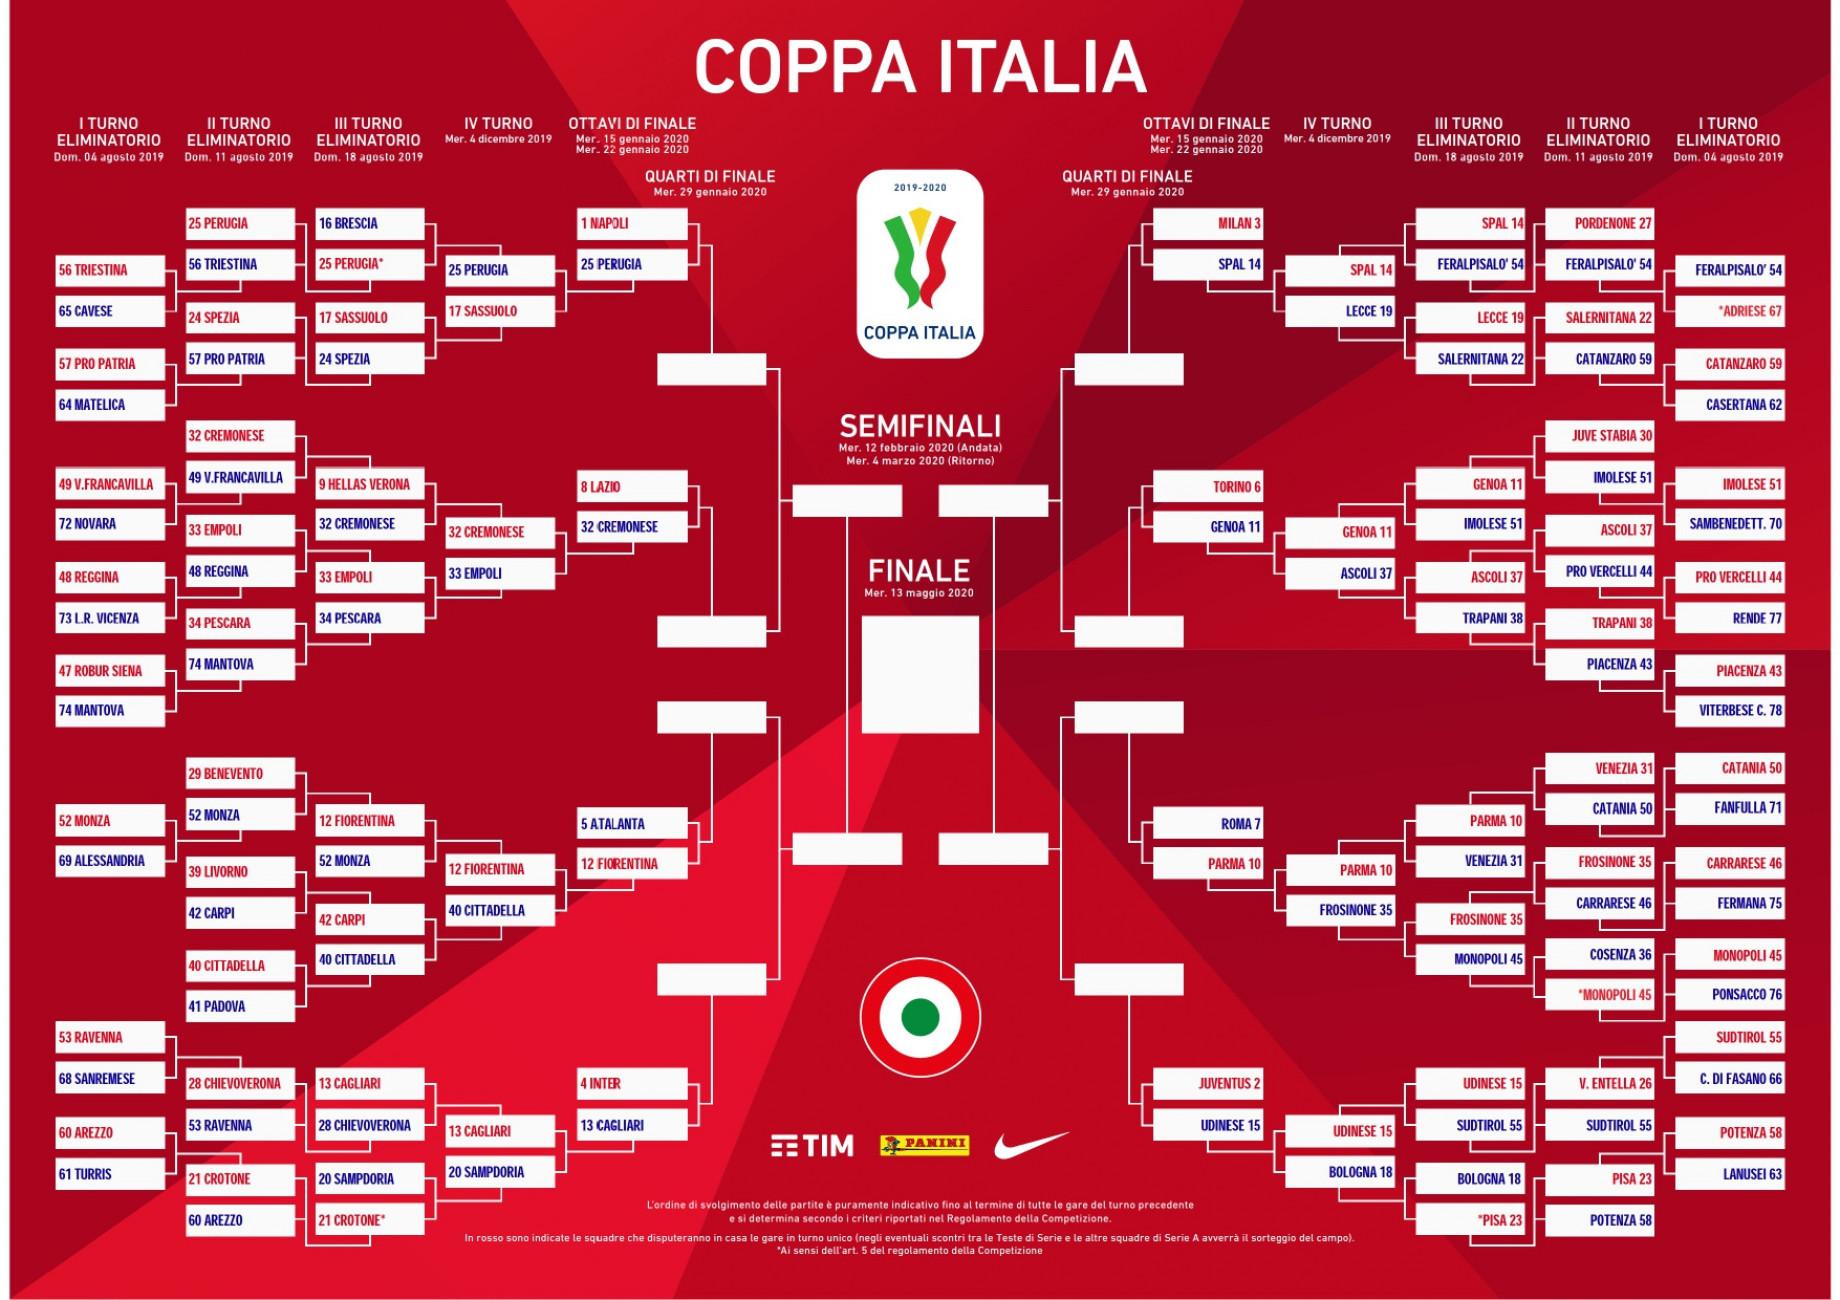 Coppa Italia, ottavi di finale: calendario e risultati